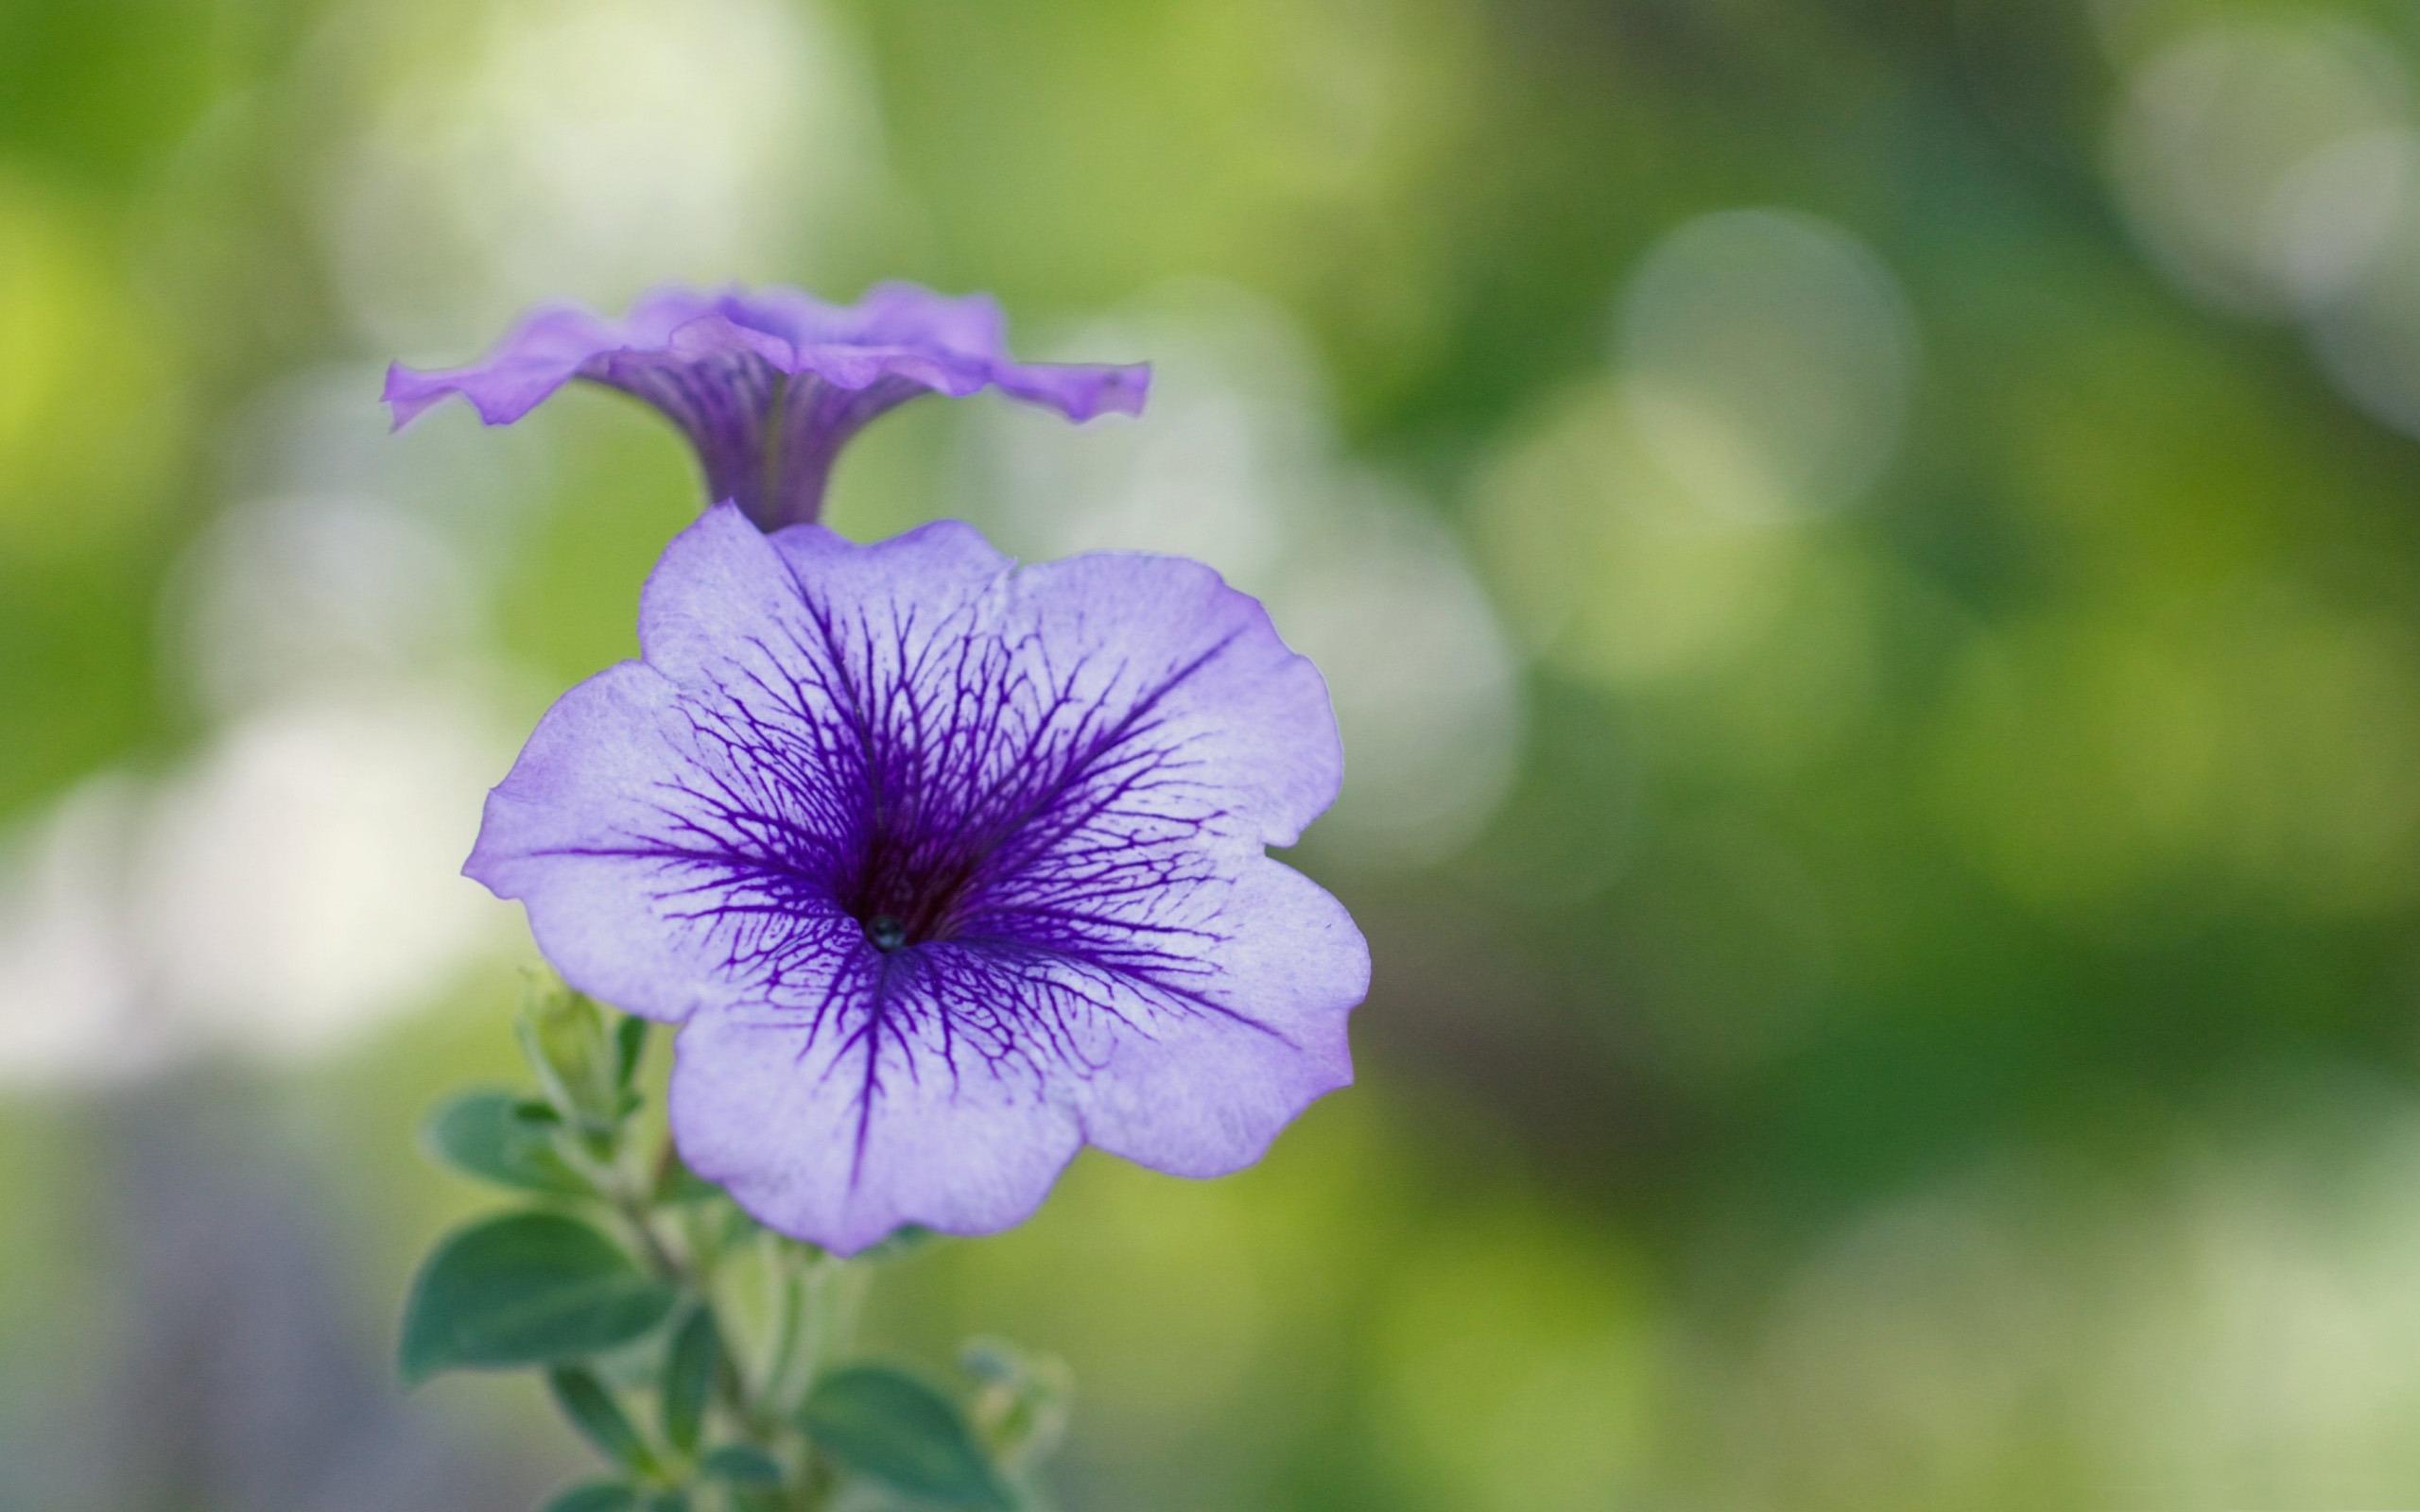 ボケ (植物)の画像 p1_30